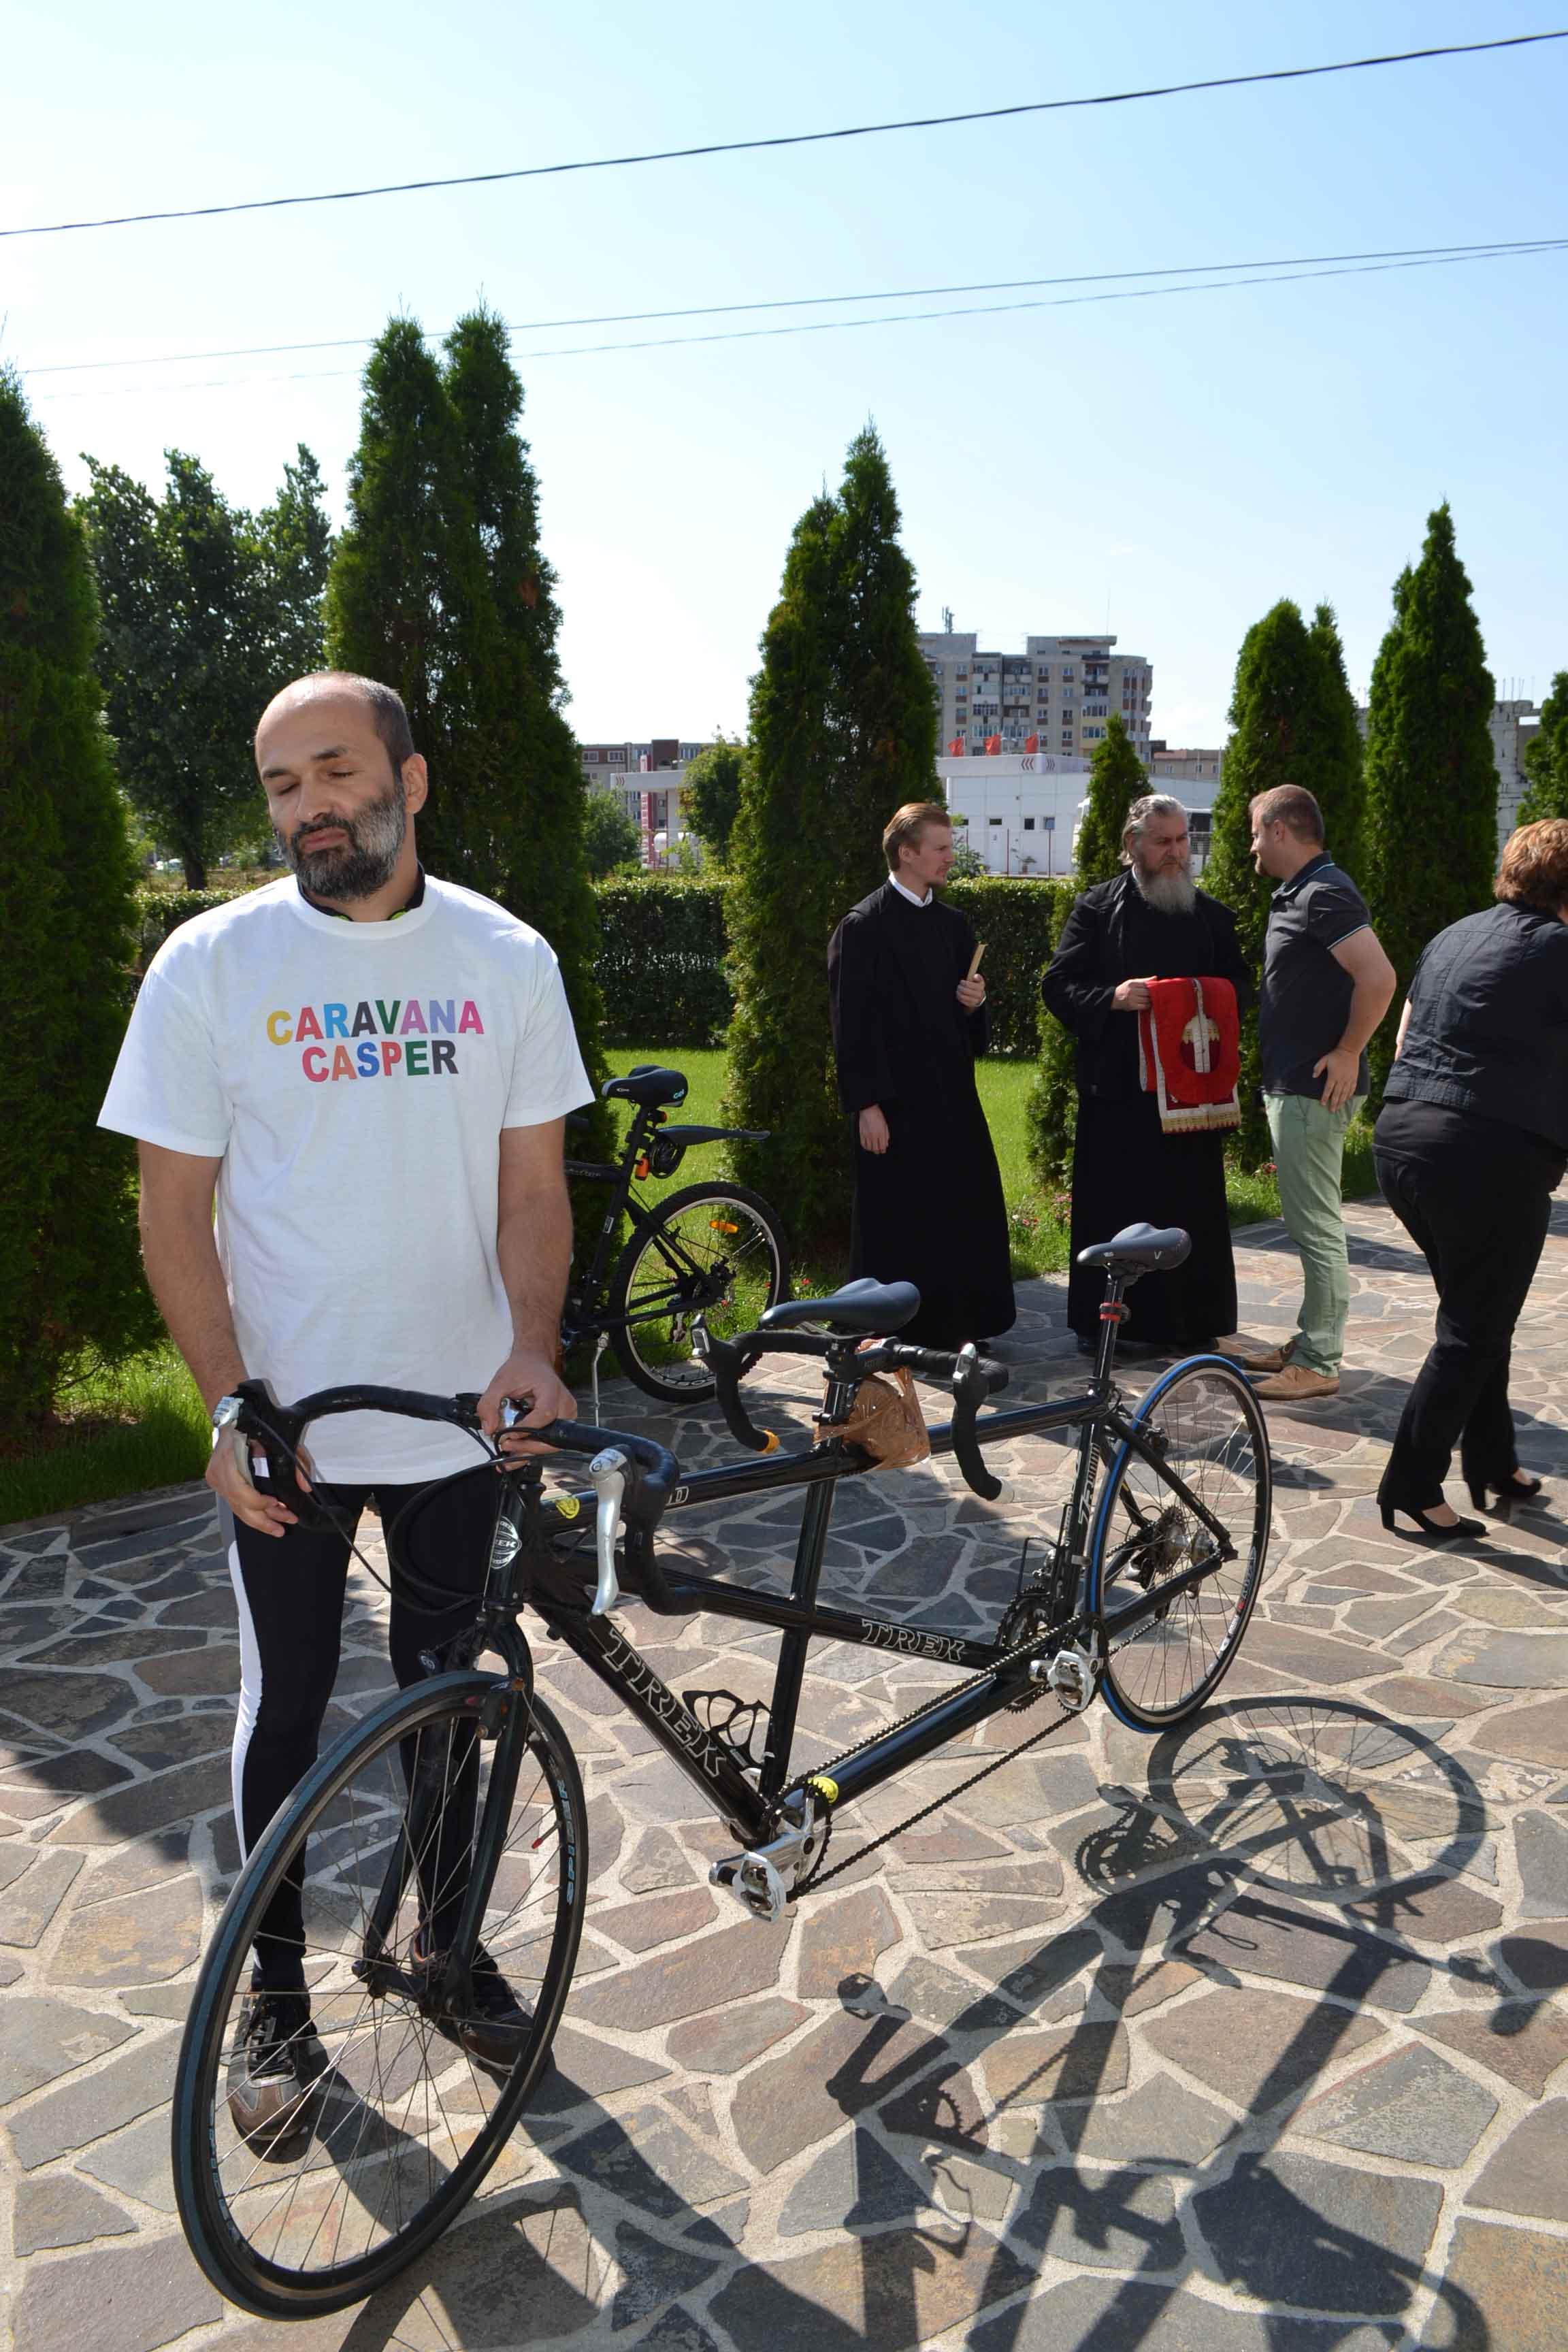 Recordmanul de viteză la volan pentru nevăzători, acum și pe bicicletă